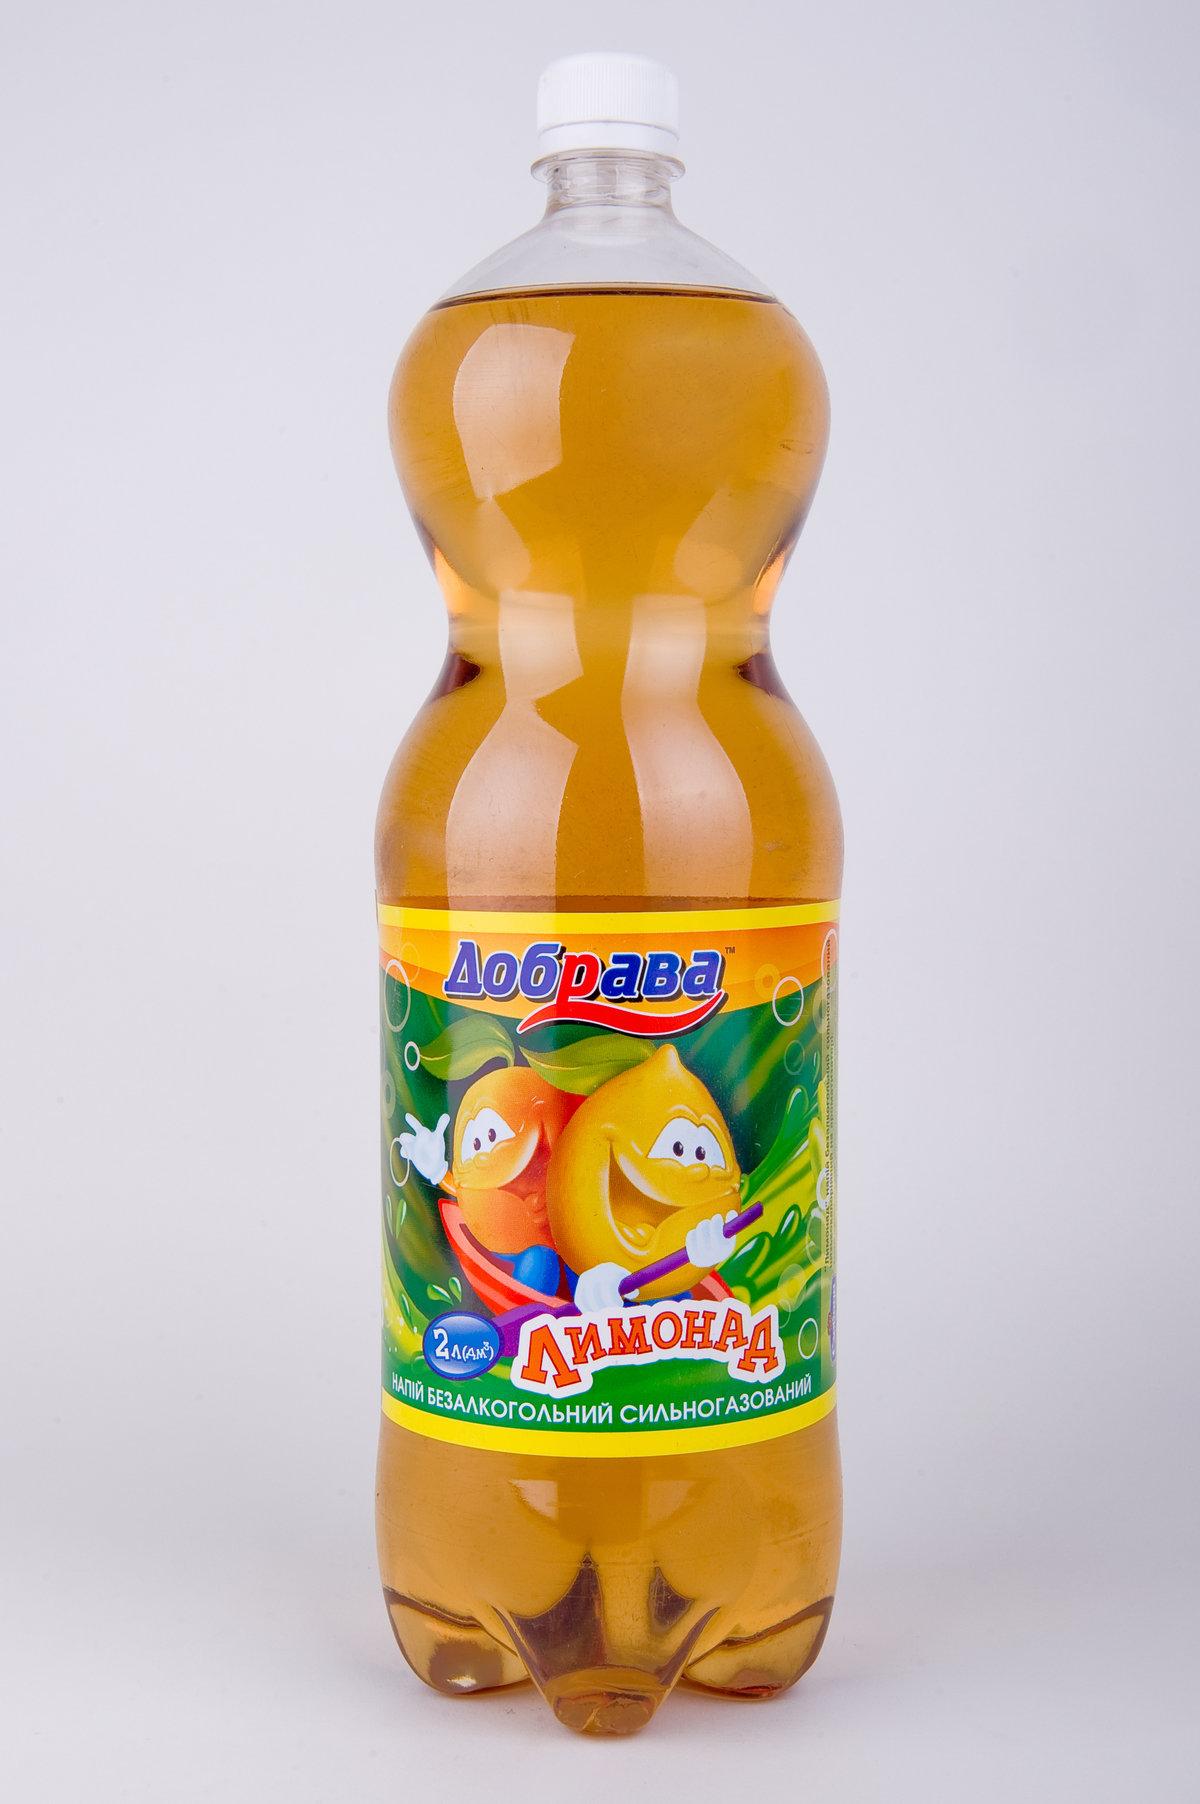 это картинка бутылки лимонада пример заполнения